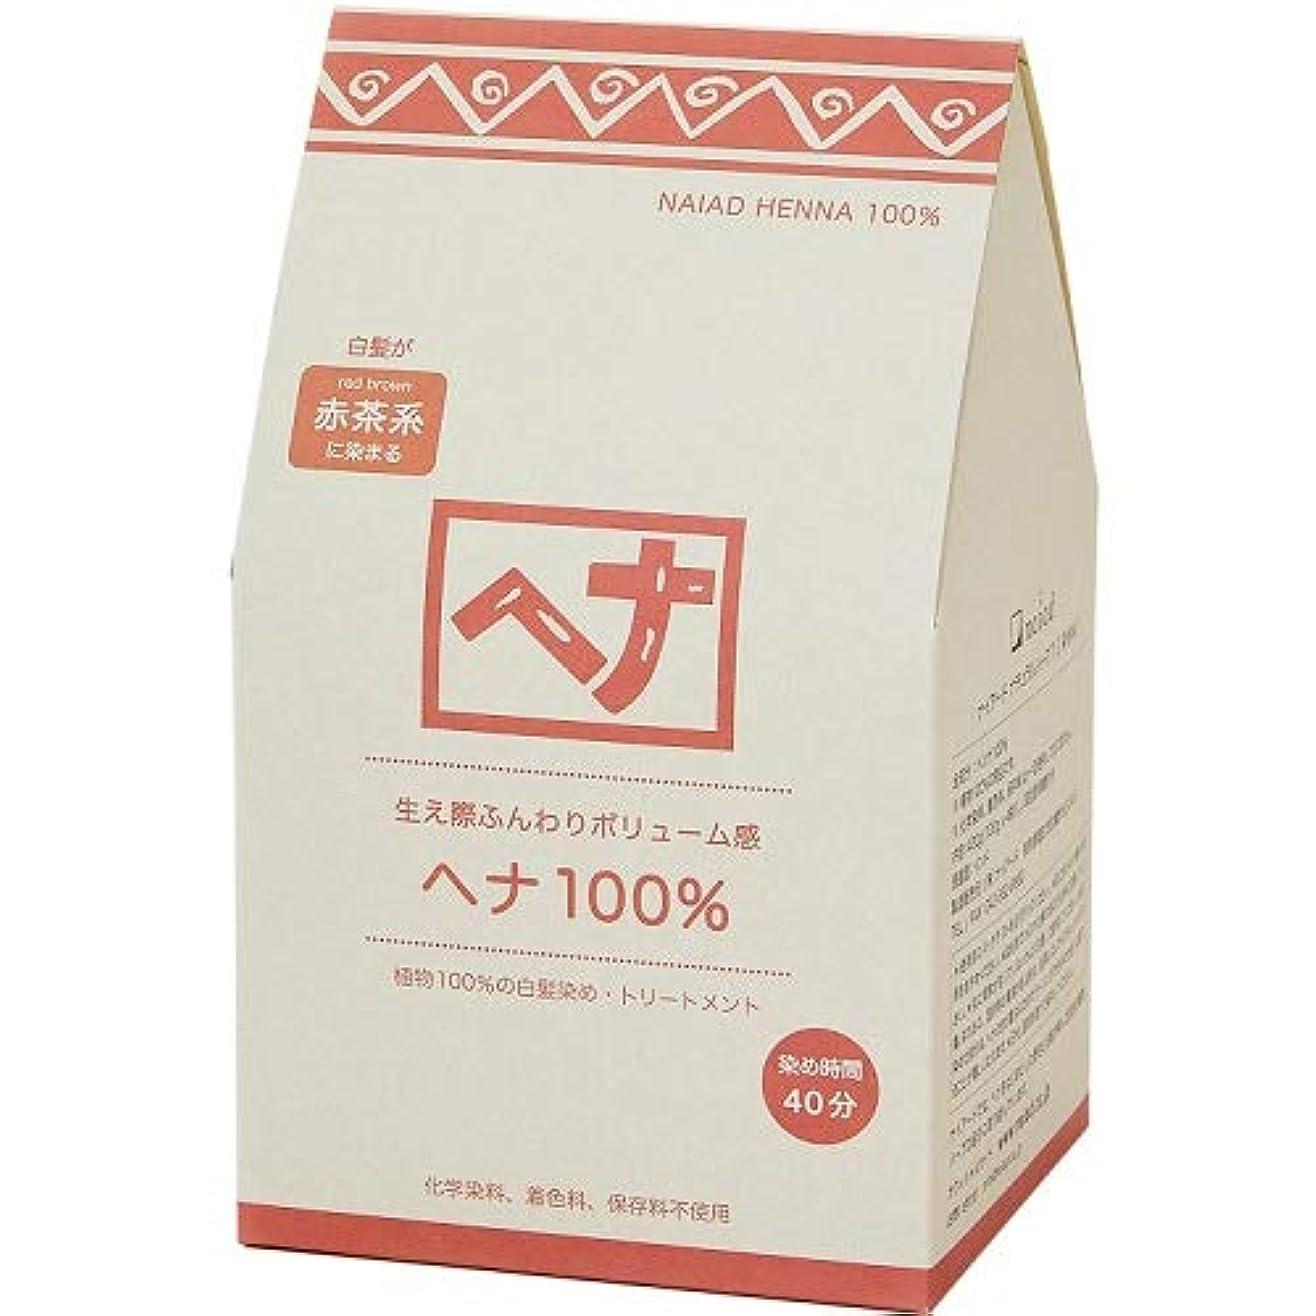 気晴らし常識抑制Naiad(ナイアード) ヘナ 100% 400g